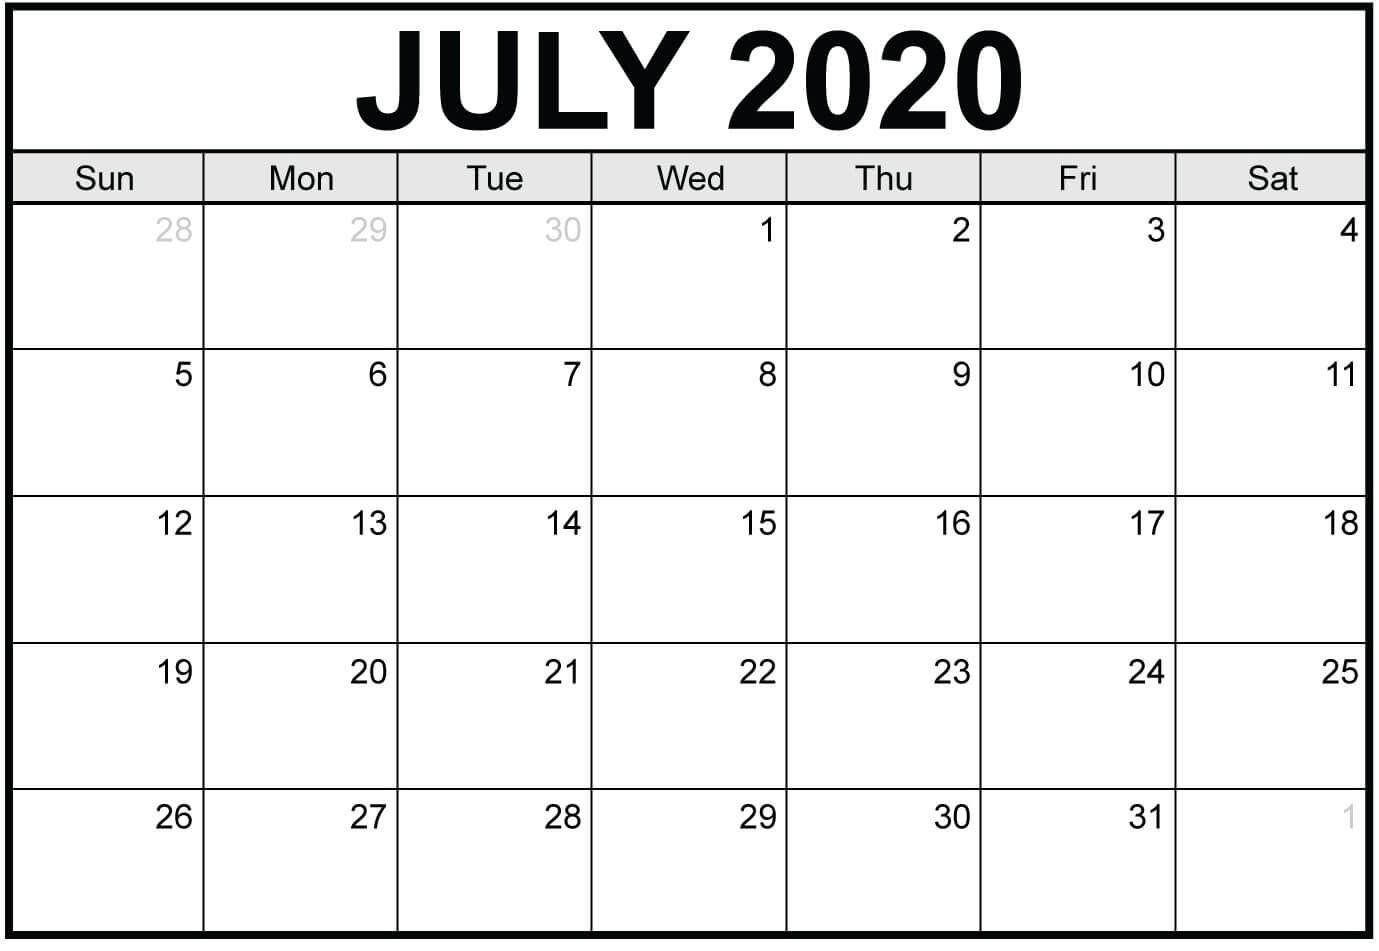 Printable Calendar July 2020 Word in 2020 | Printable ...